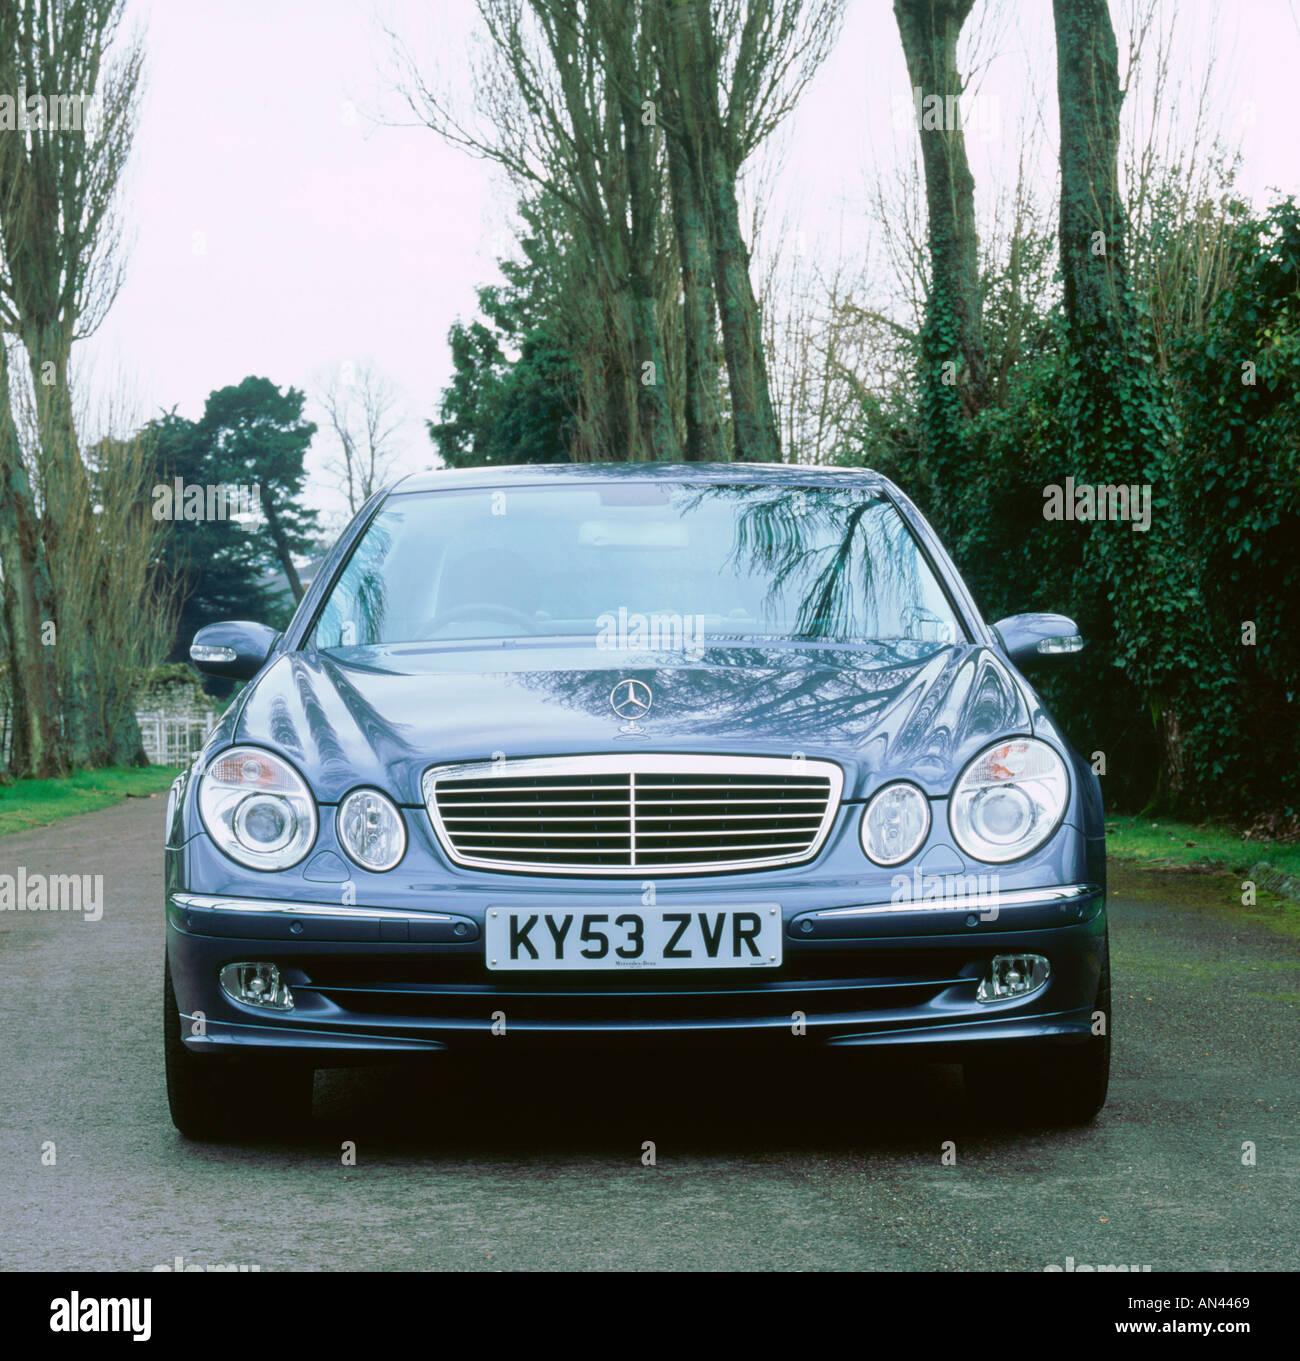 2003 Mercedes Benz E320 Cdi Avantgarde